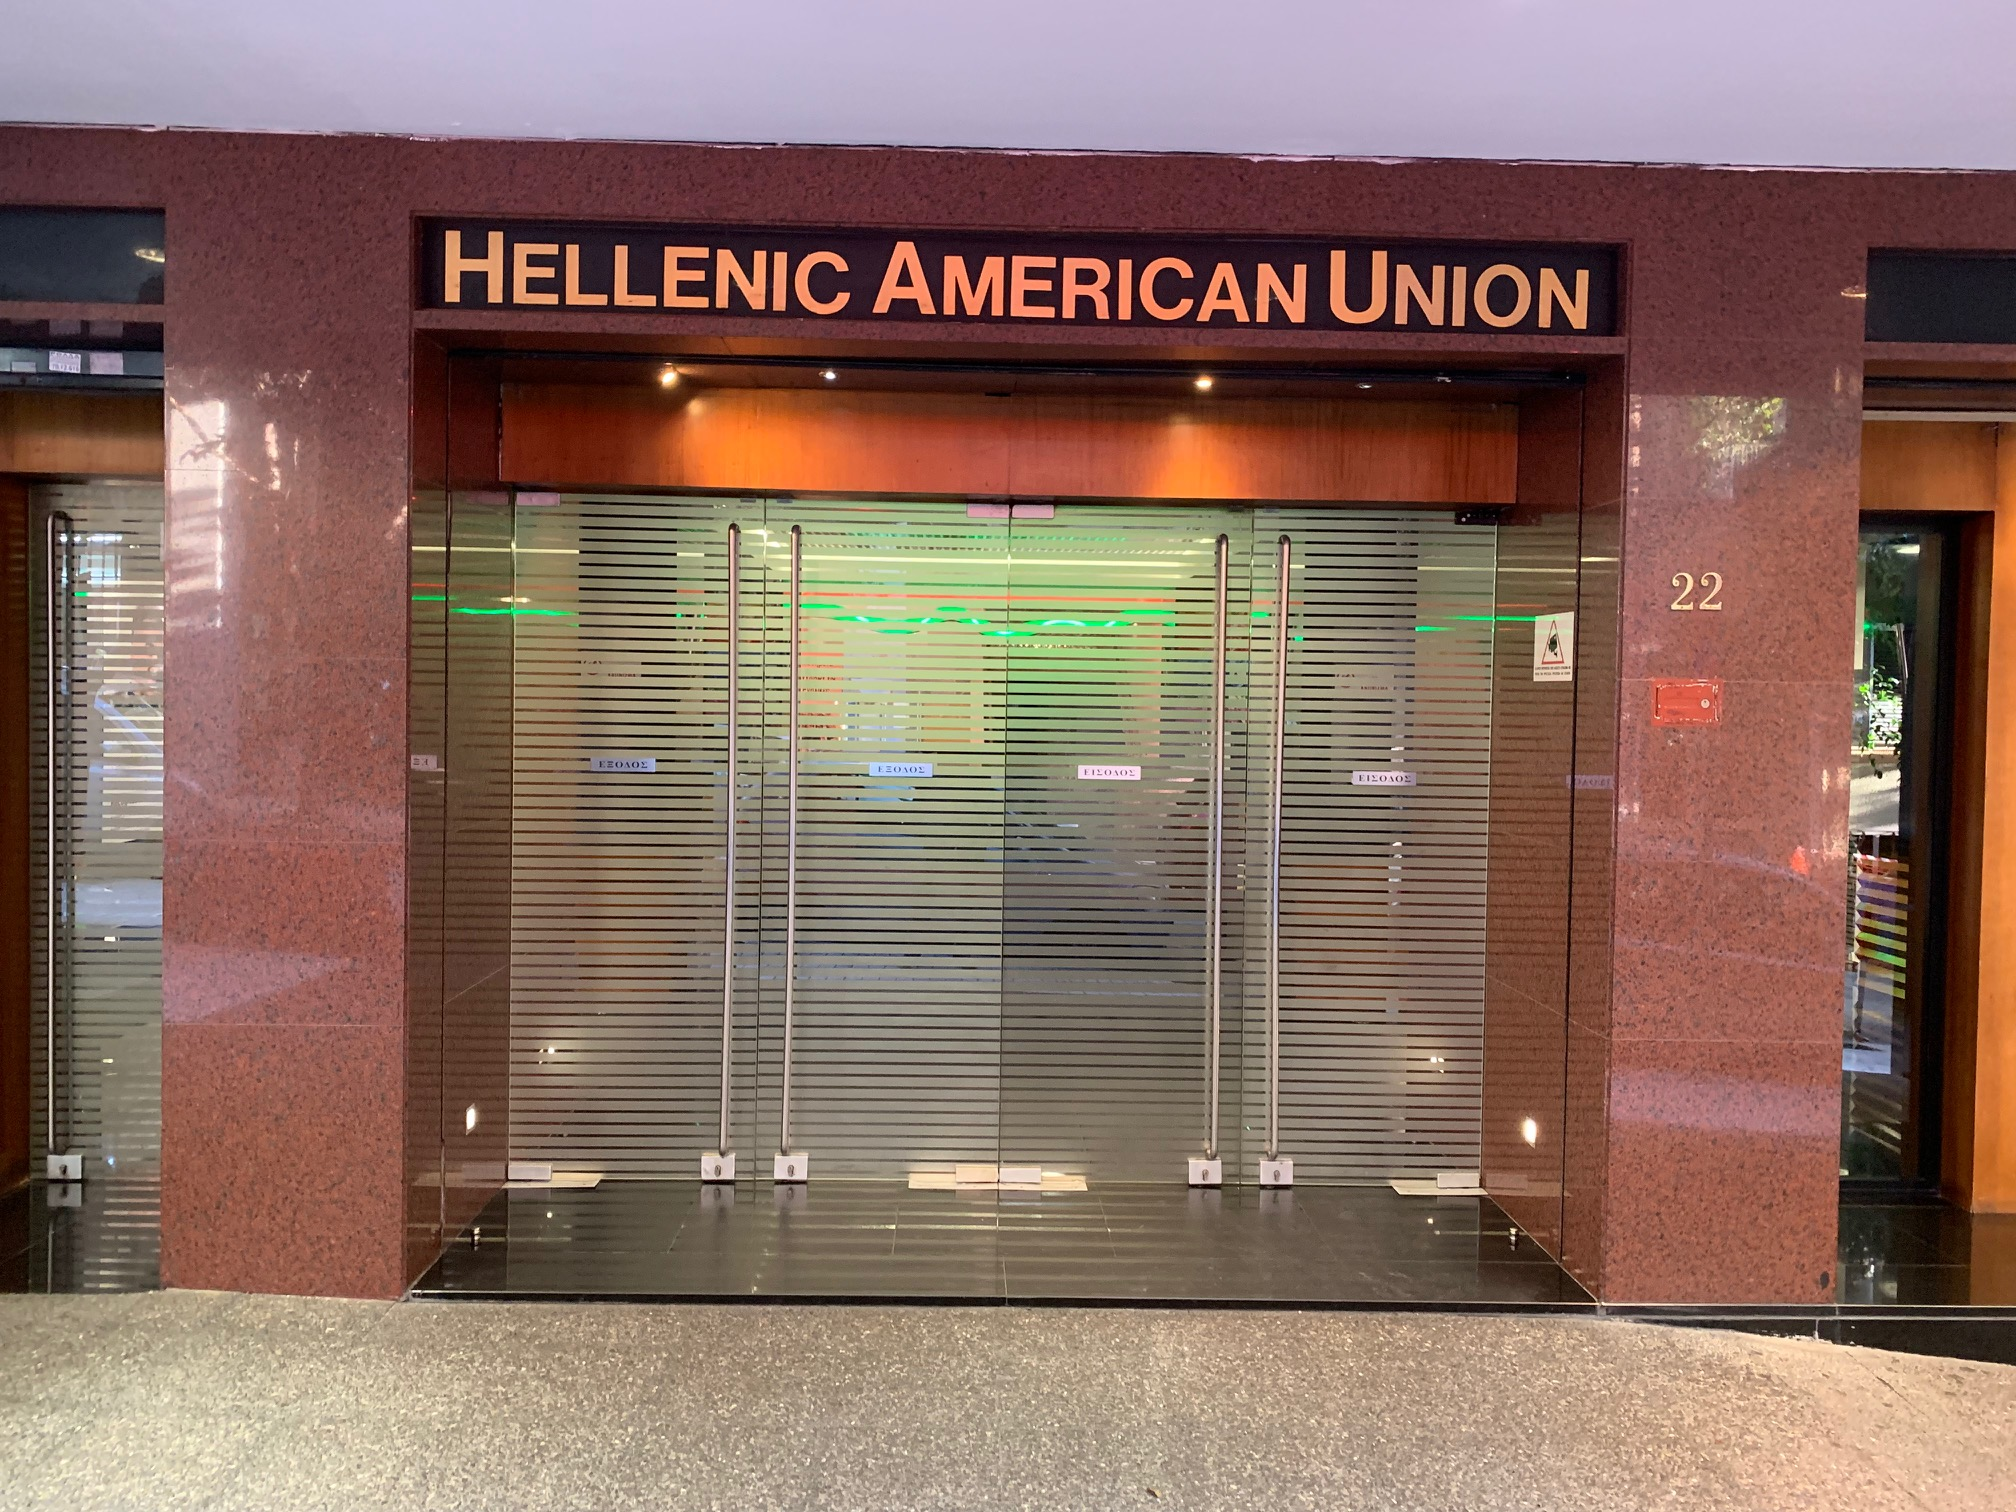 Ελληνοαμερικάνικη Ένωση - Hellenic American Union - Thelcon